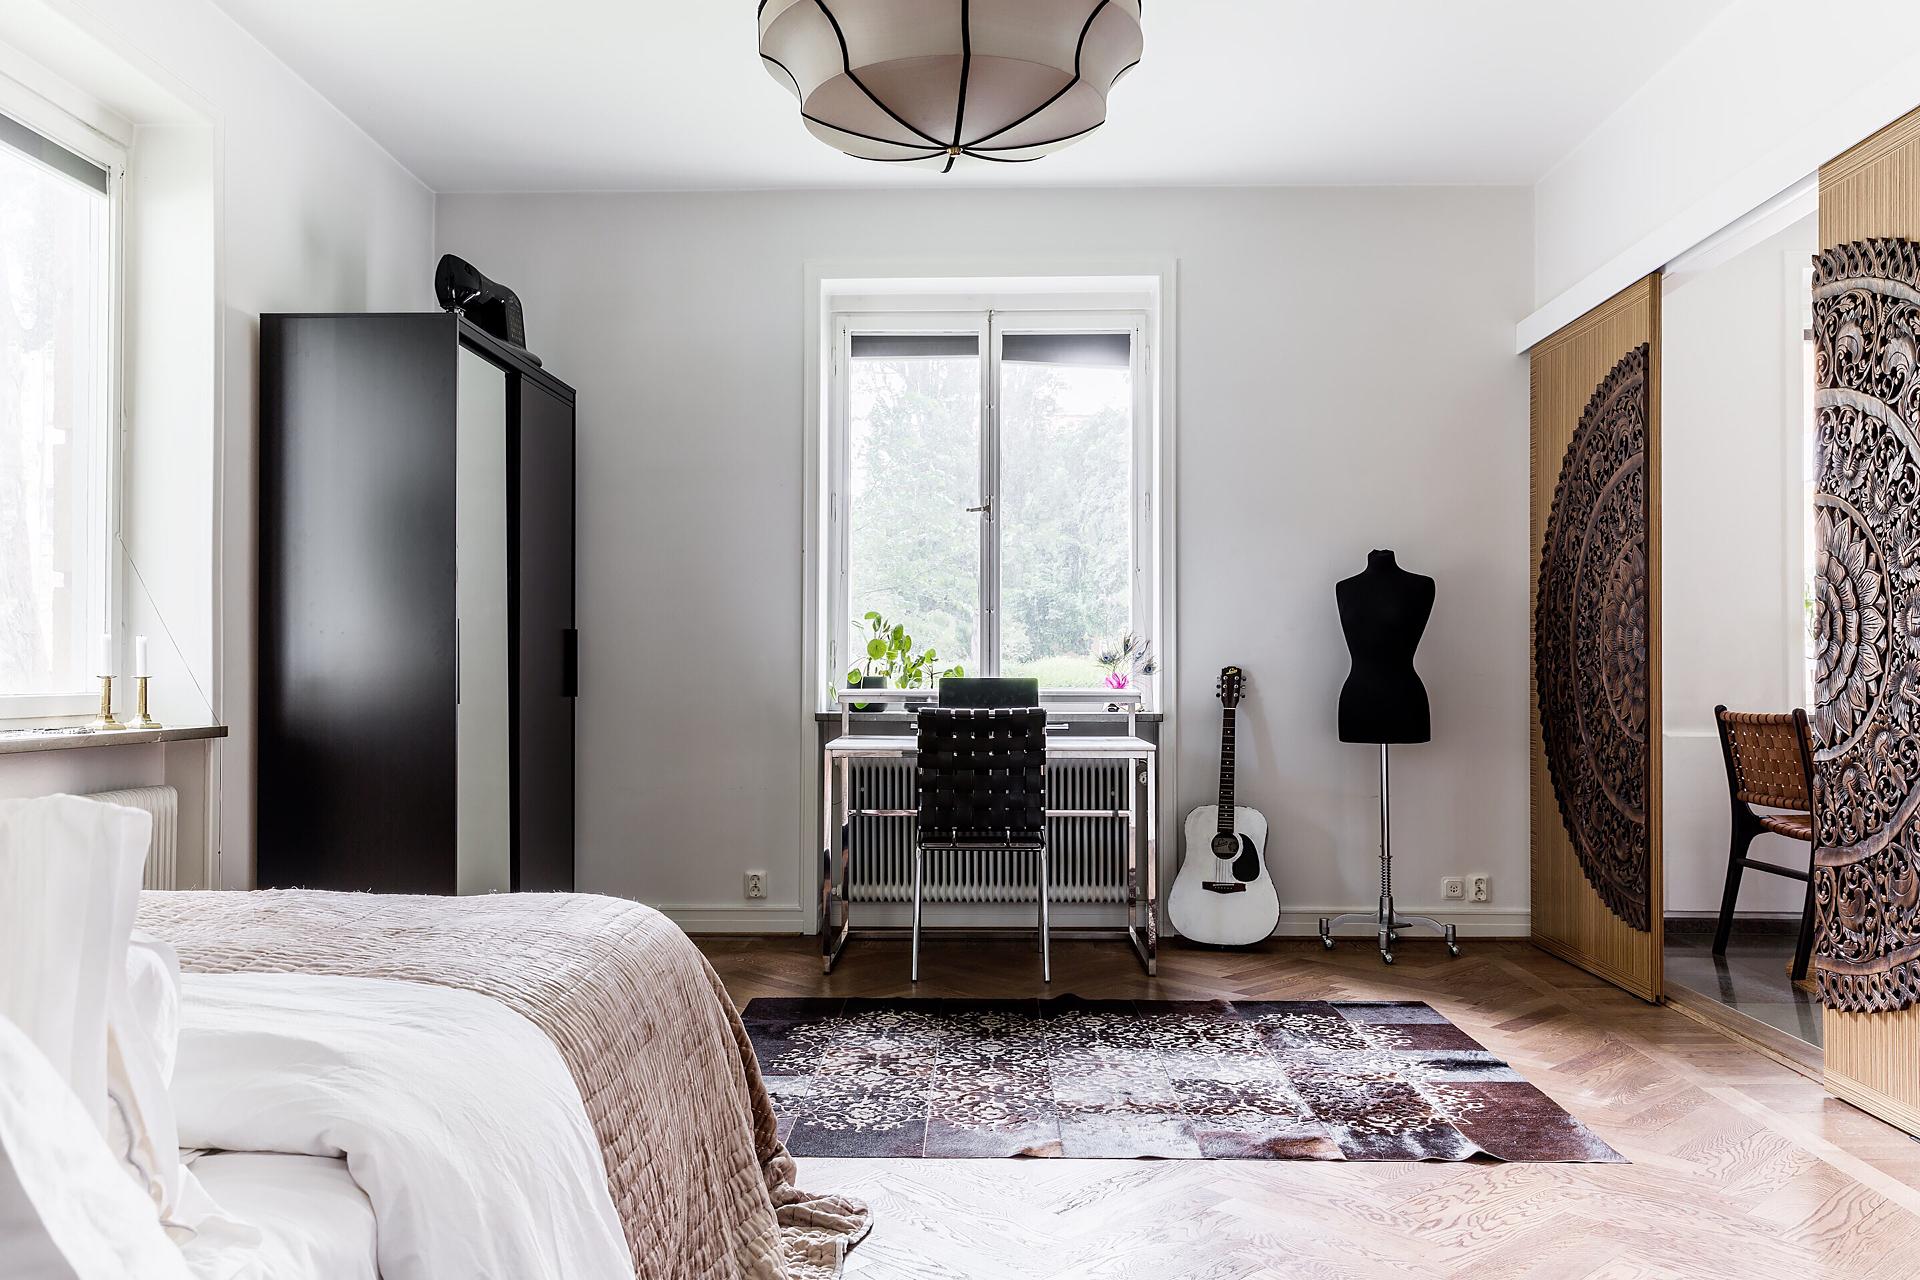 спальня кровать окно шкаф рабочее место гитара раздвижные двери